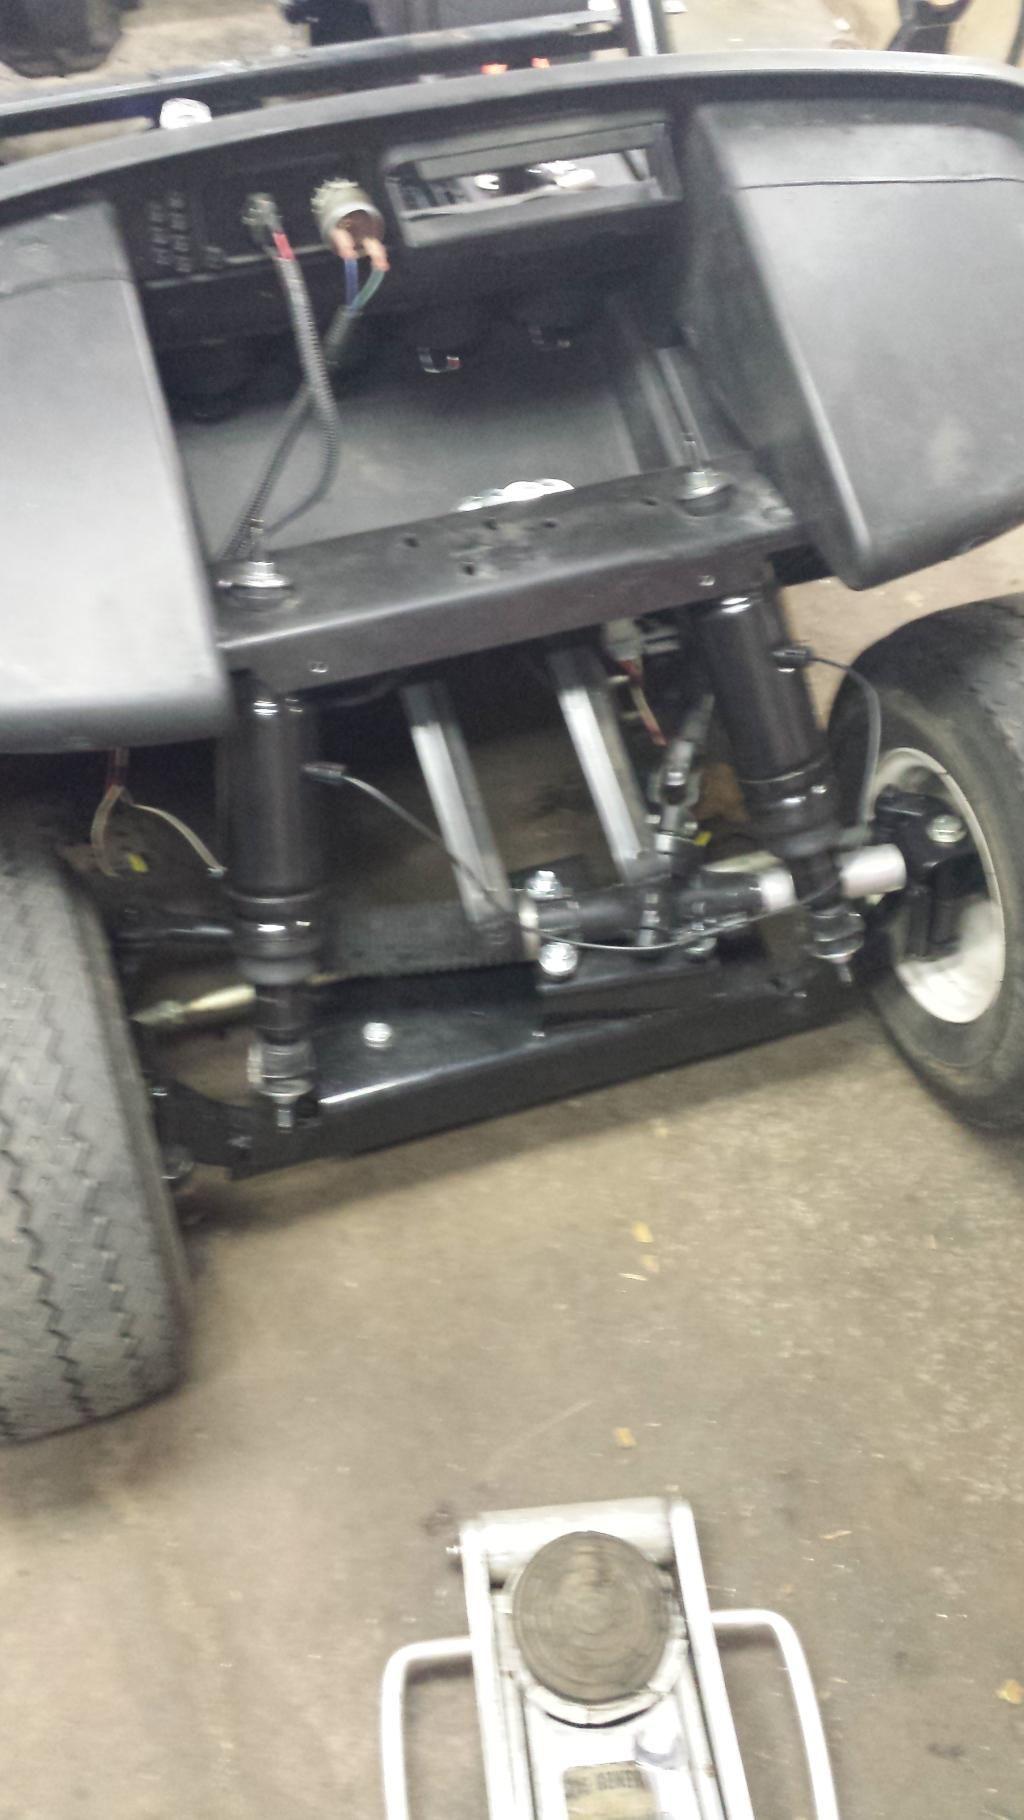 94 Club Car Golf Cart Wiring Diagram 06 Ezgo Build Air Ride Custom Dash Tv And Much More